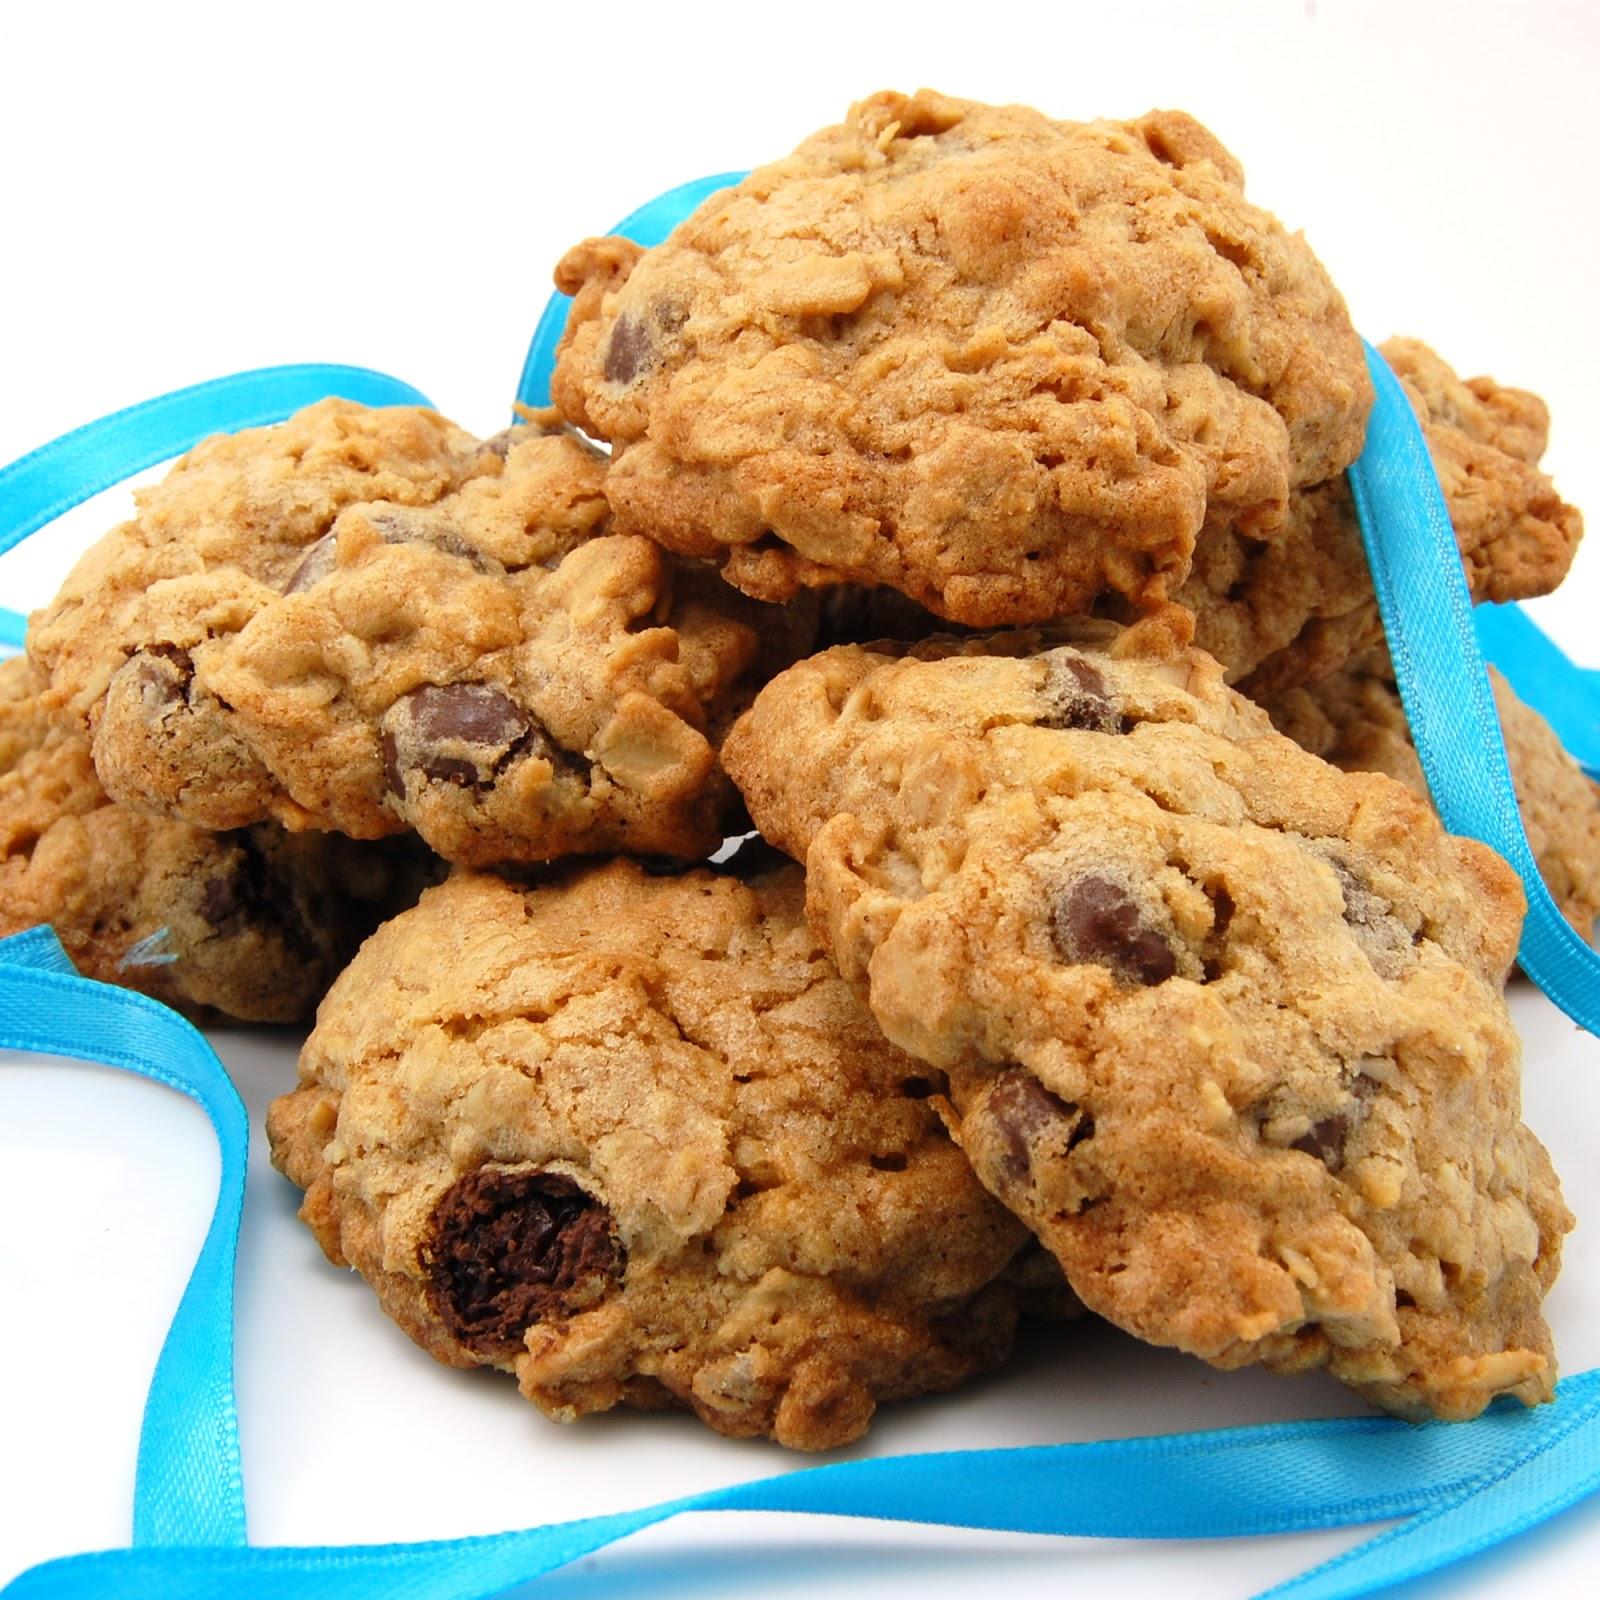 Perbedaan Quaker Oat Merah dan Biru Untuk Memaksimalkan Program Diet Anda